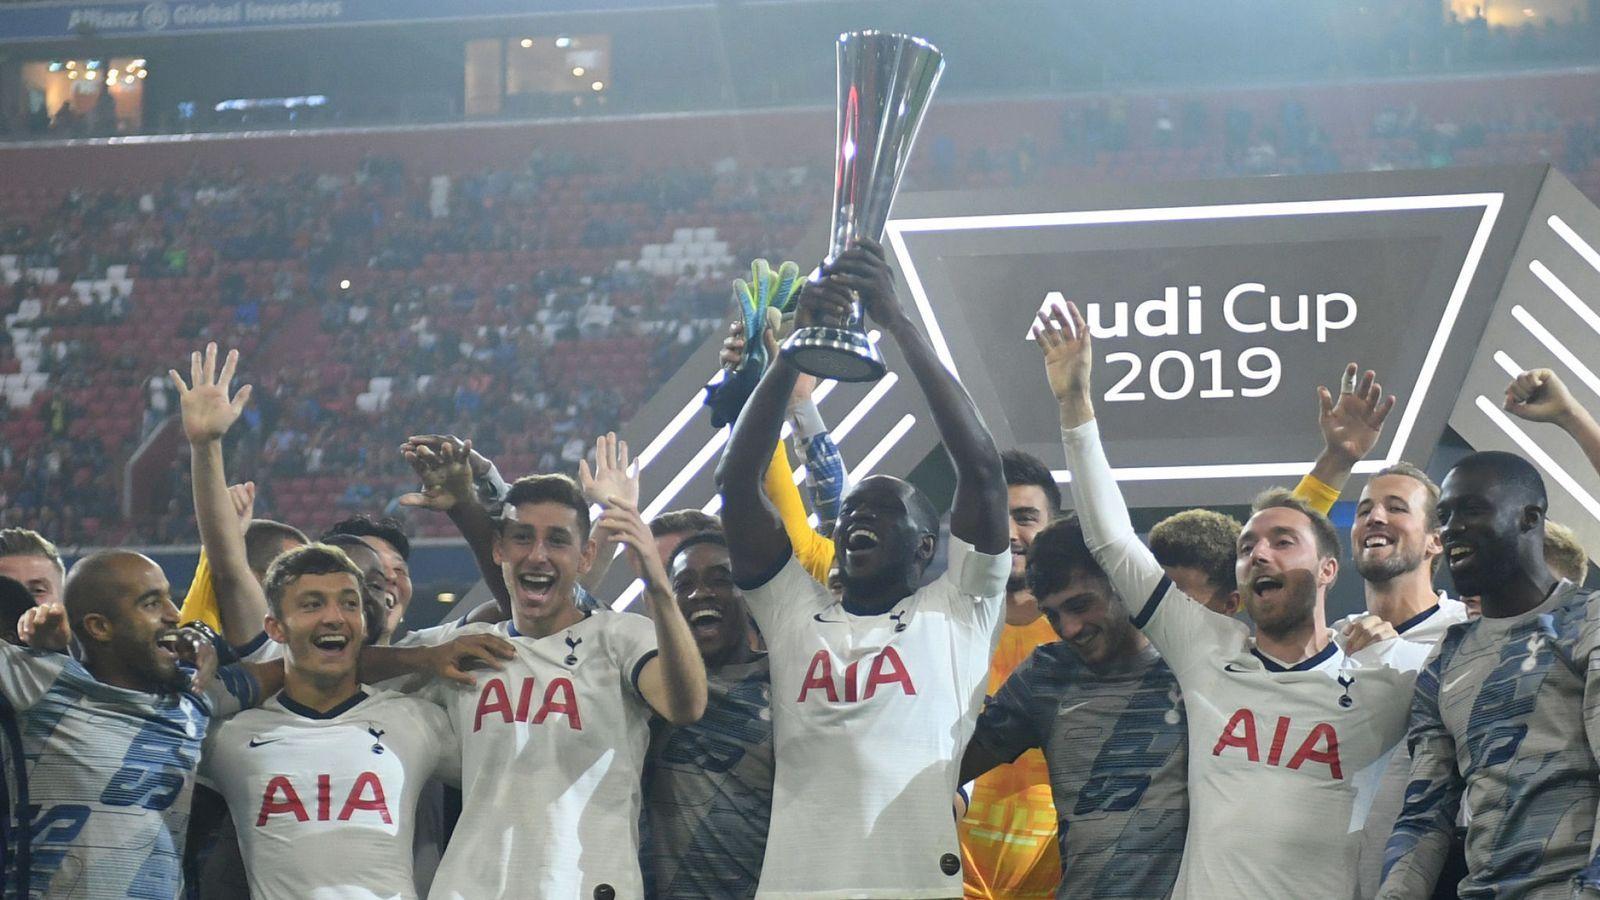 Bayern Munich 2 2 Tottenham 5 6 Pens Spurs Lift Audi Cup After Penalty Shootout Win Football News Sky Sports Bayern Tottenham Bayern Munich